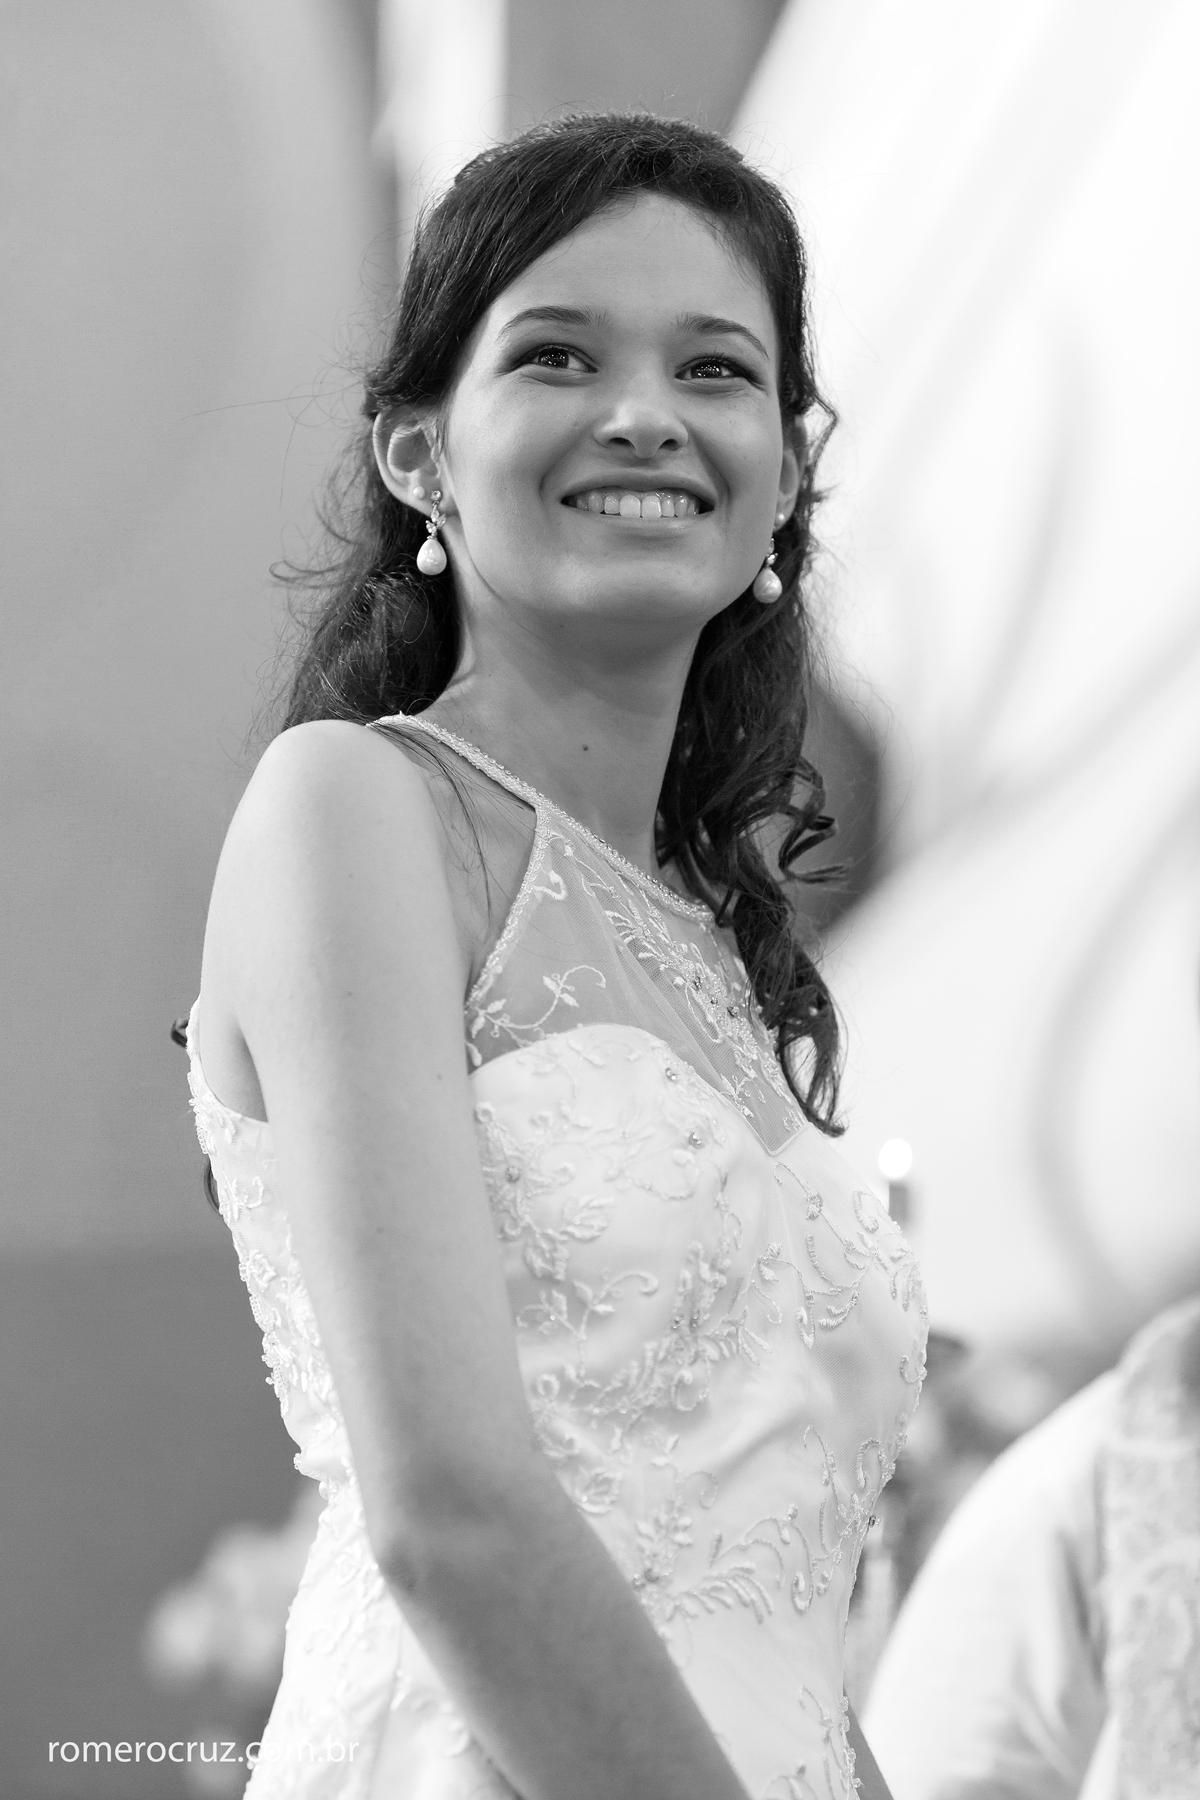 Foto que captou a felicidade da noiva Amanda do fotógrafo Romero Cruz